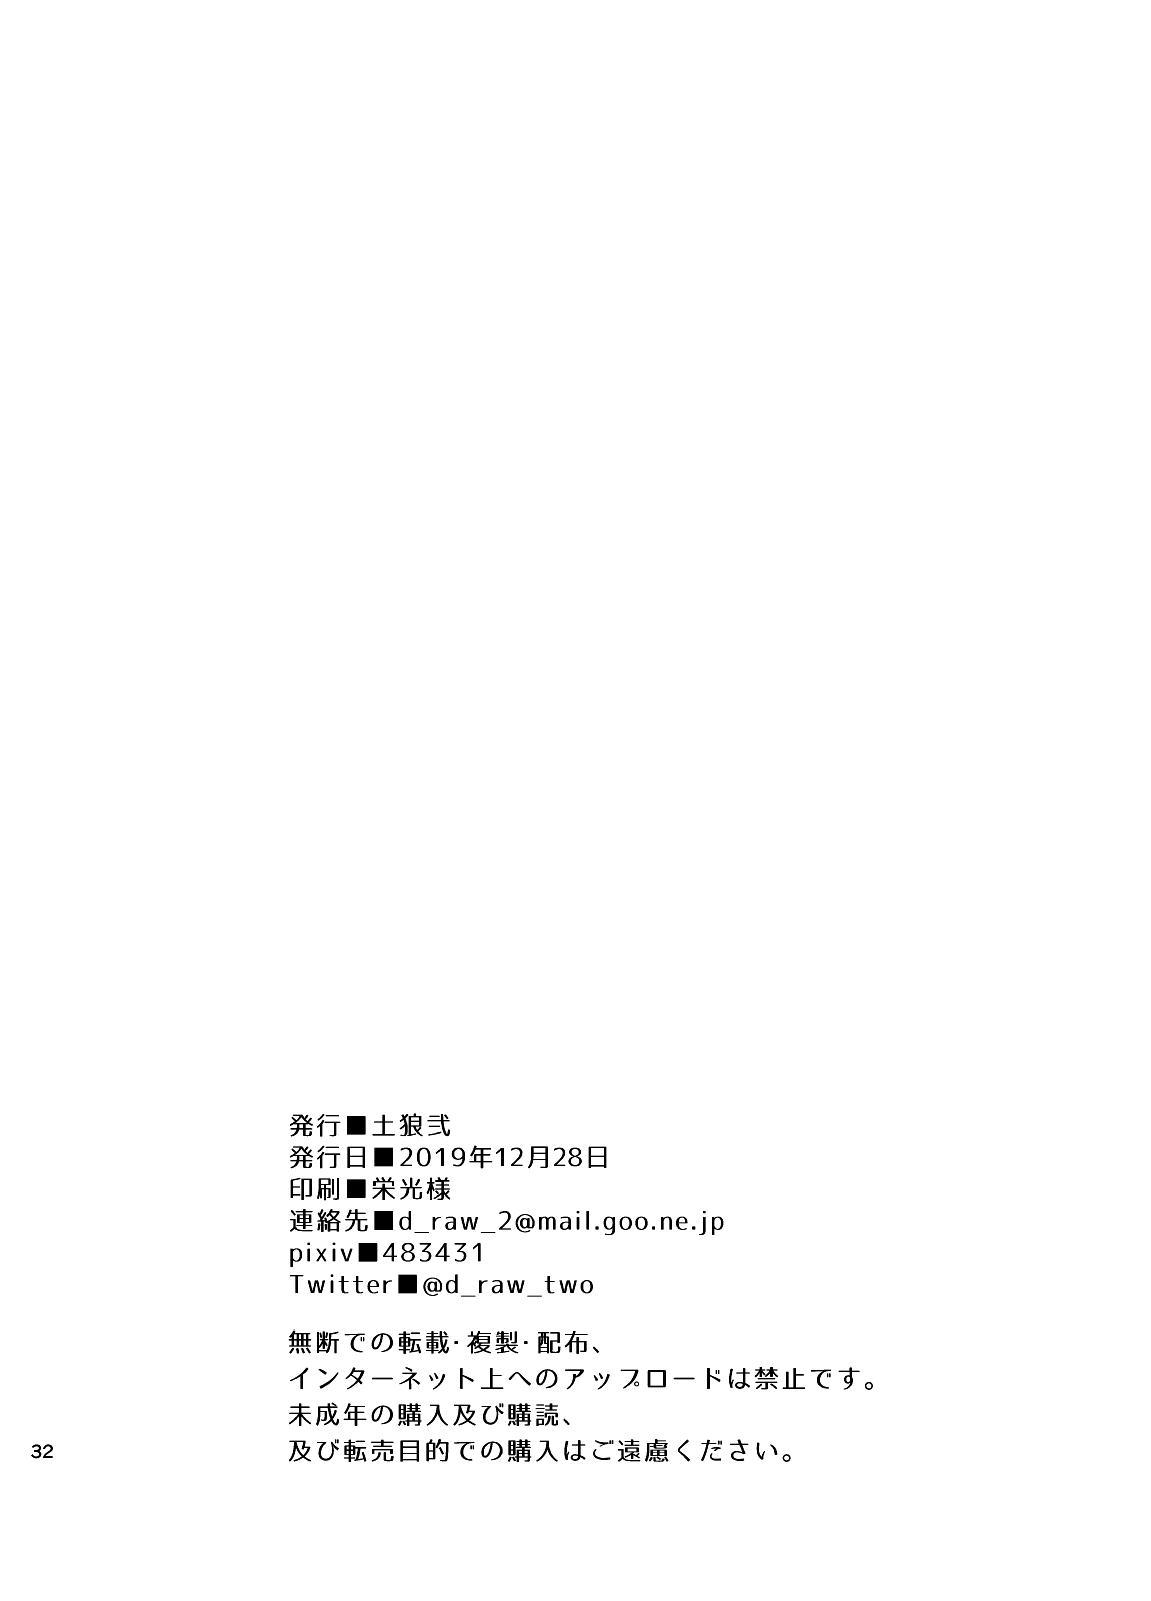 Yume no END wa Itsumo xxx 31